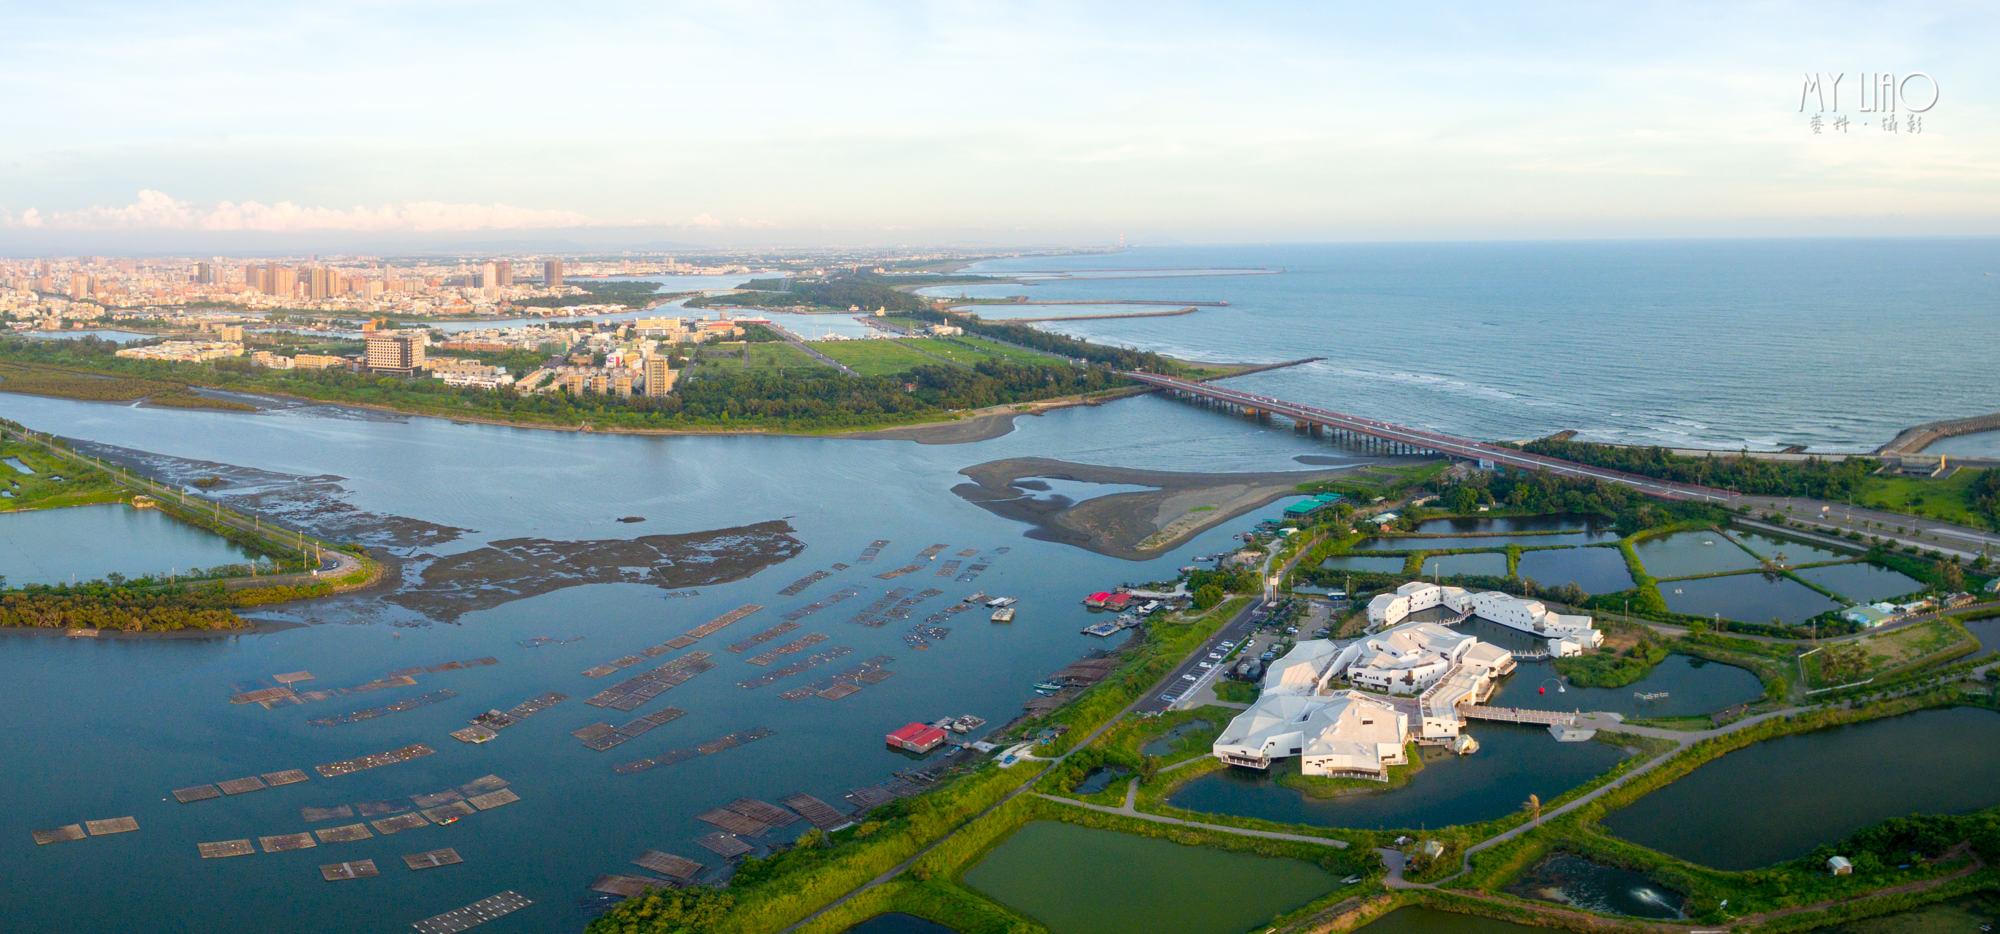 台江周邊都市計畫專案通檢審議通過,促進四草遊樂區土地利用